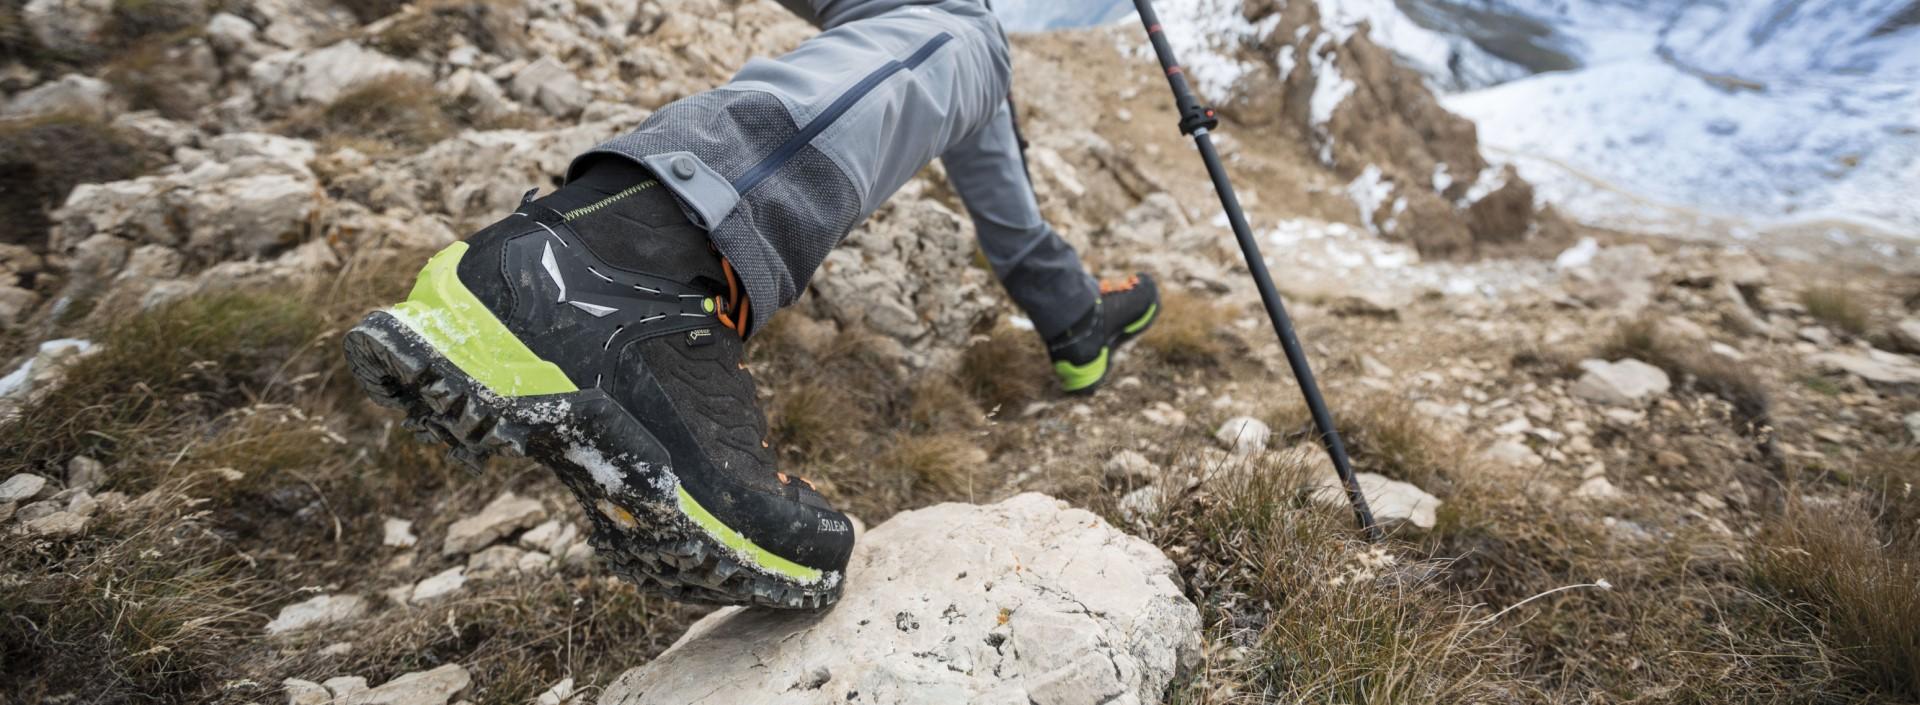 Jakie Buty Trekkingowe W Gory Zima Buty Do Chodzenia Po Gorach Zima Blog Skalnik